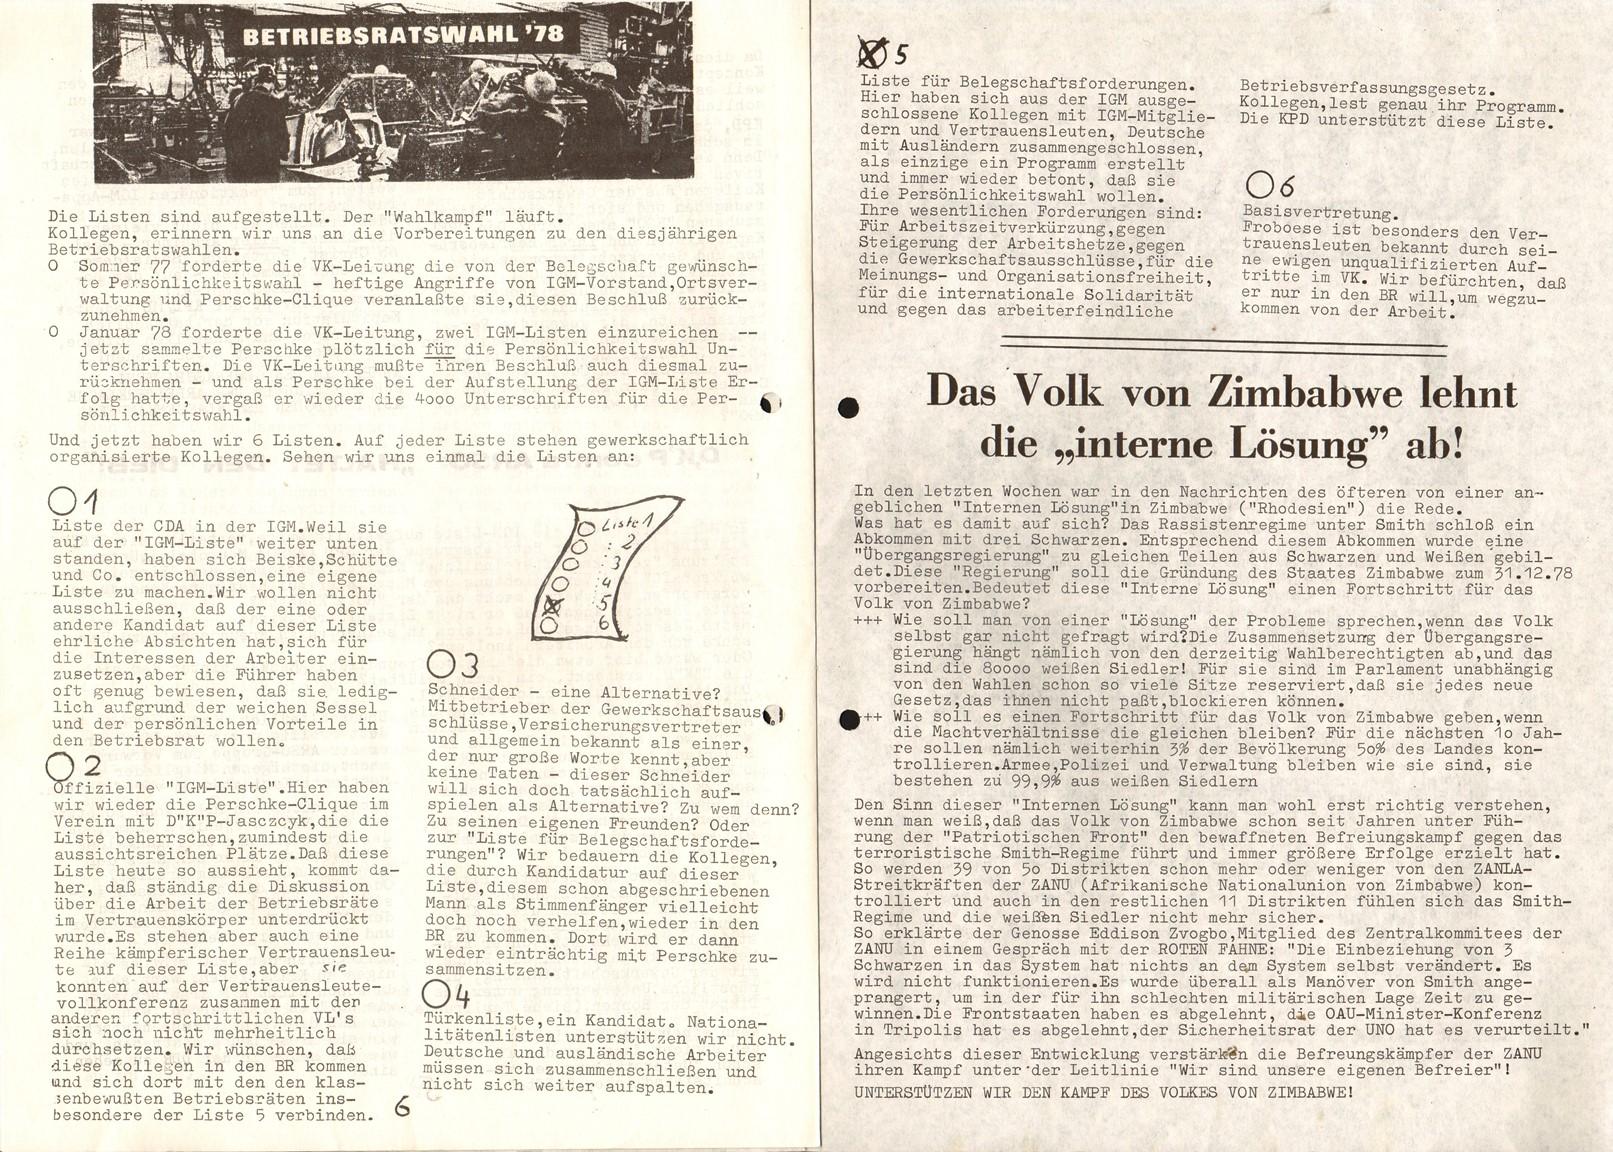 Bochum_Opel_AO_Scheinwerfer_19780200_04